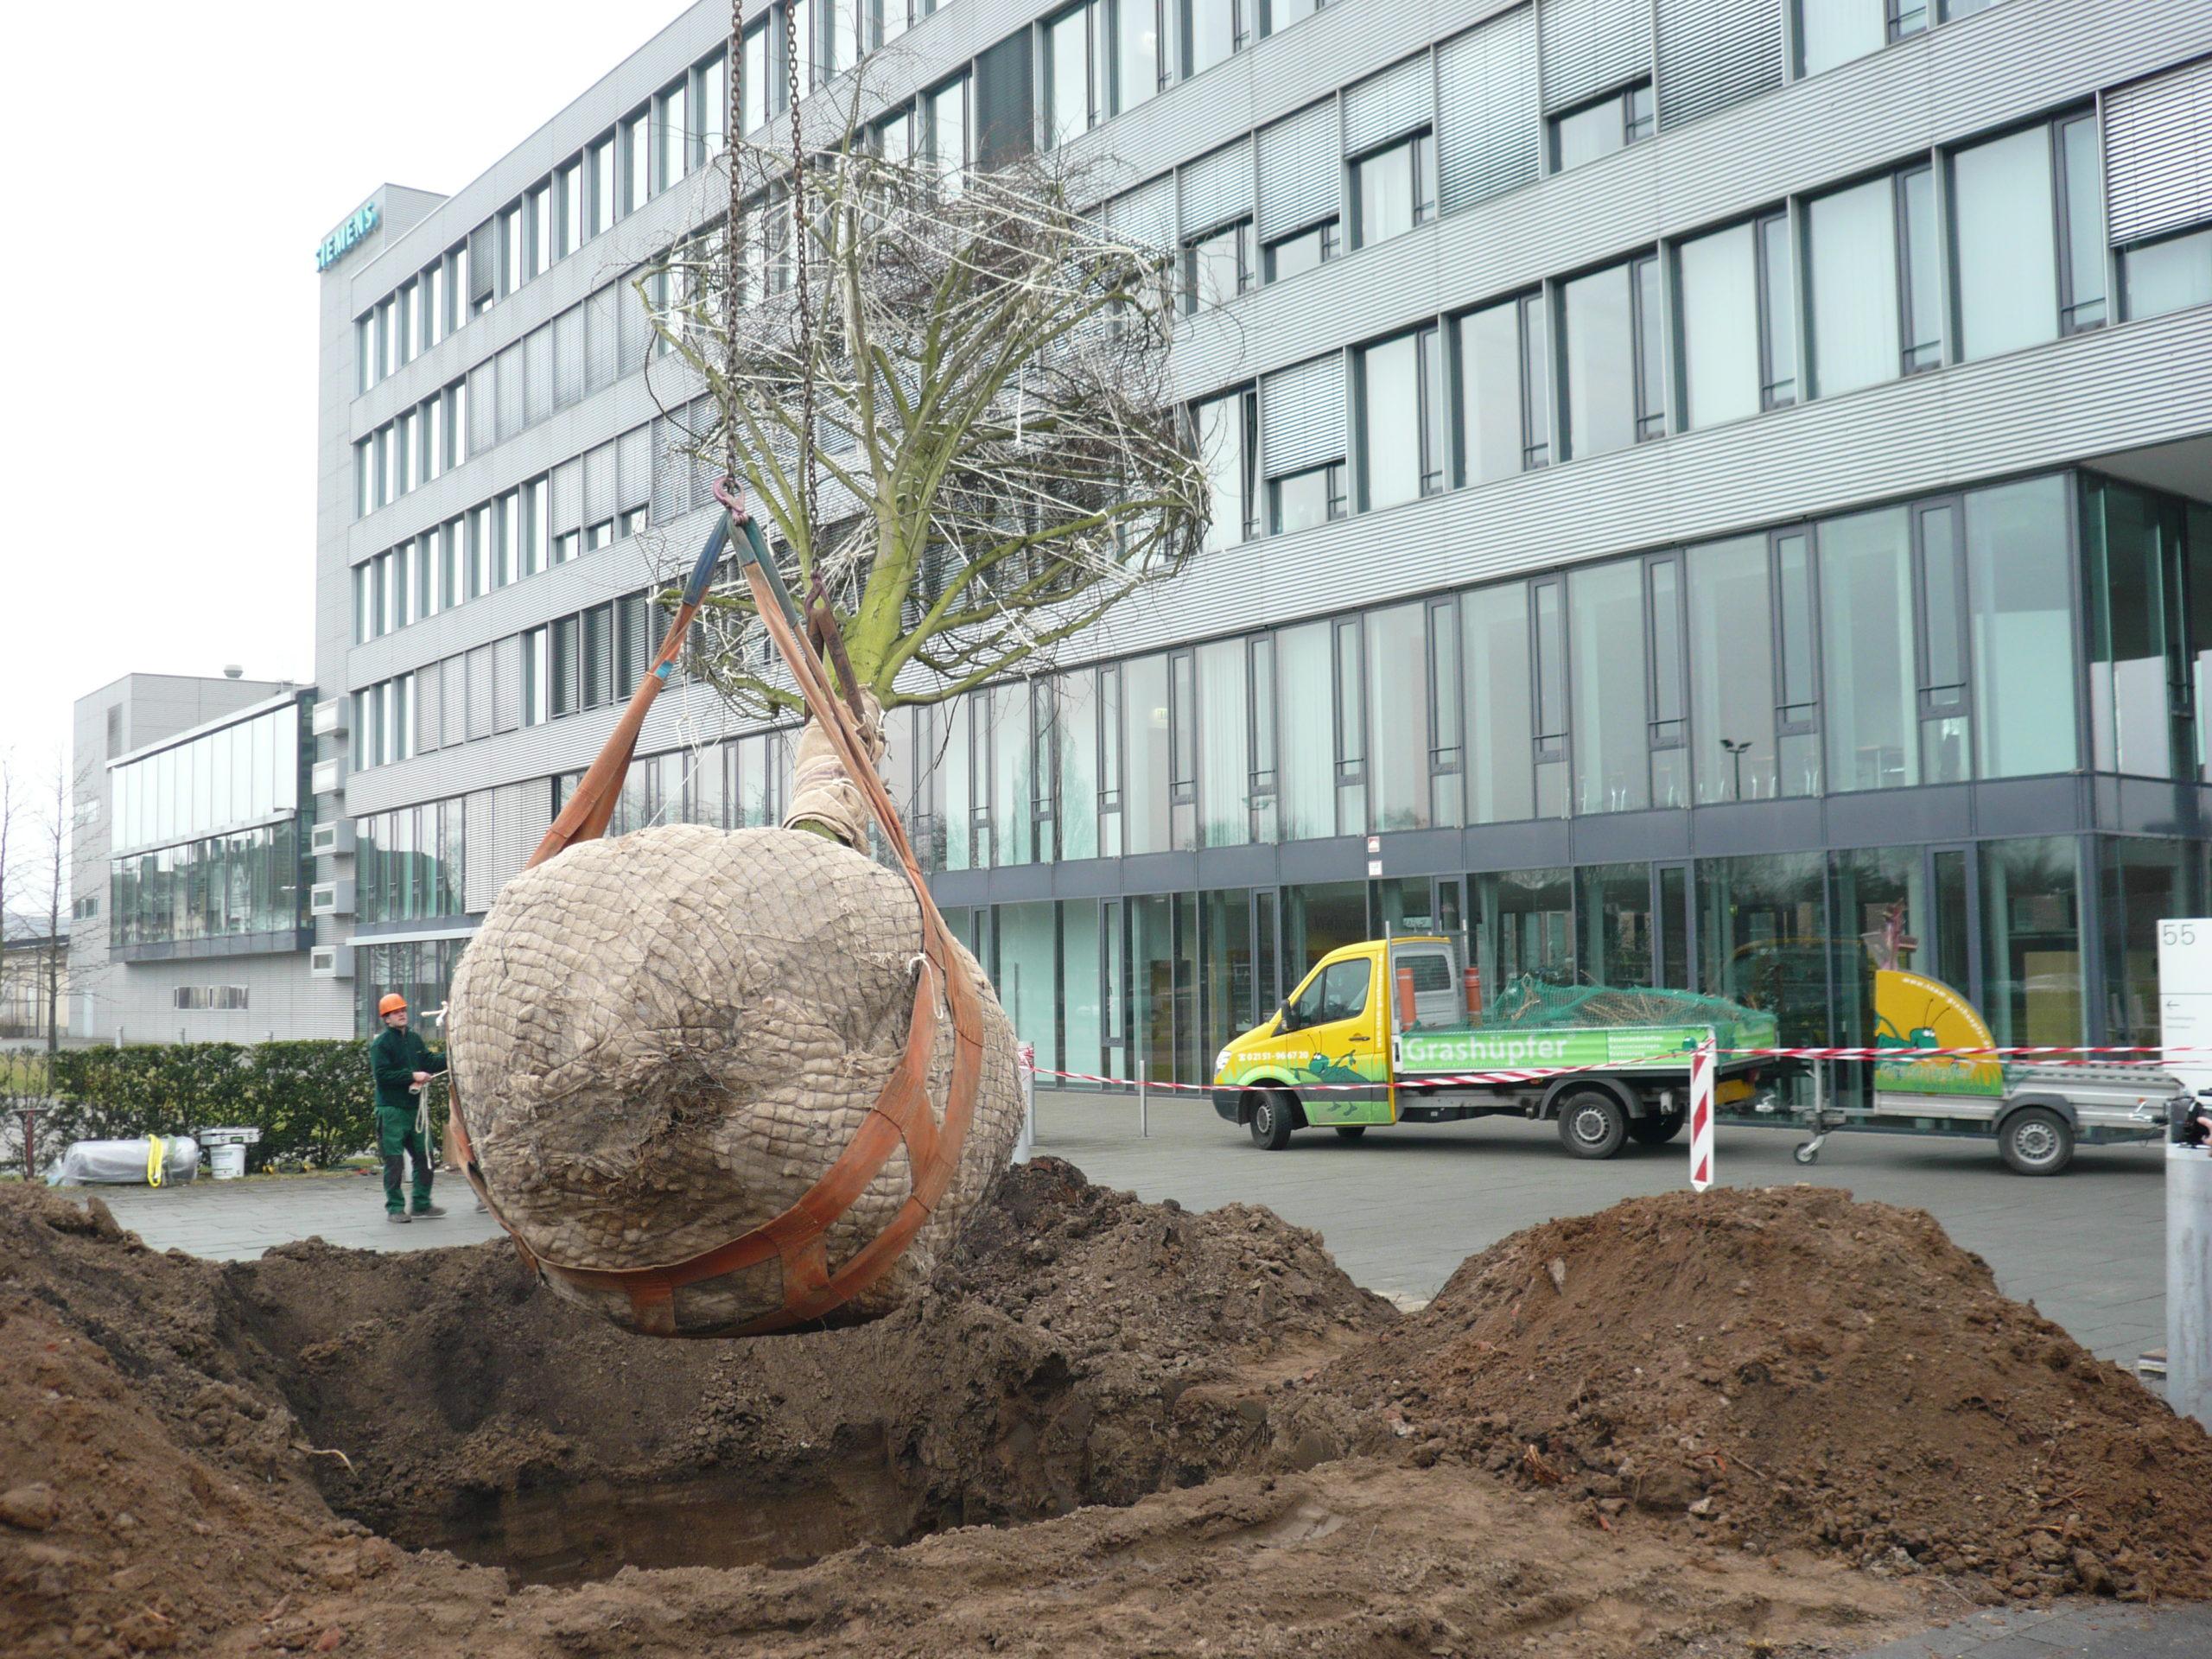 Projekt Grossbaumpflanzung bei Siemens in Krefeld (08)